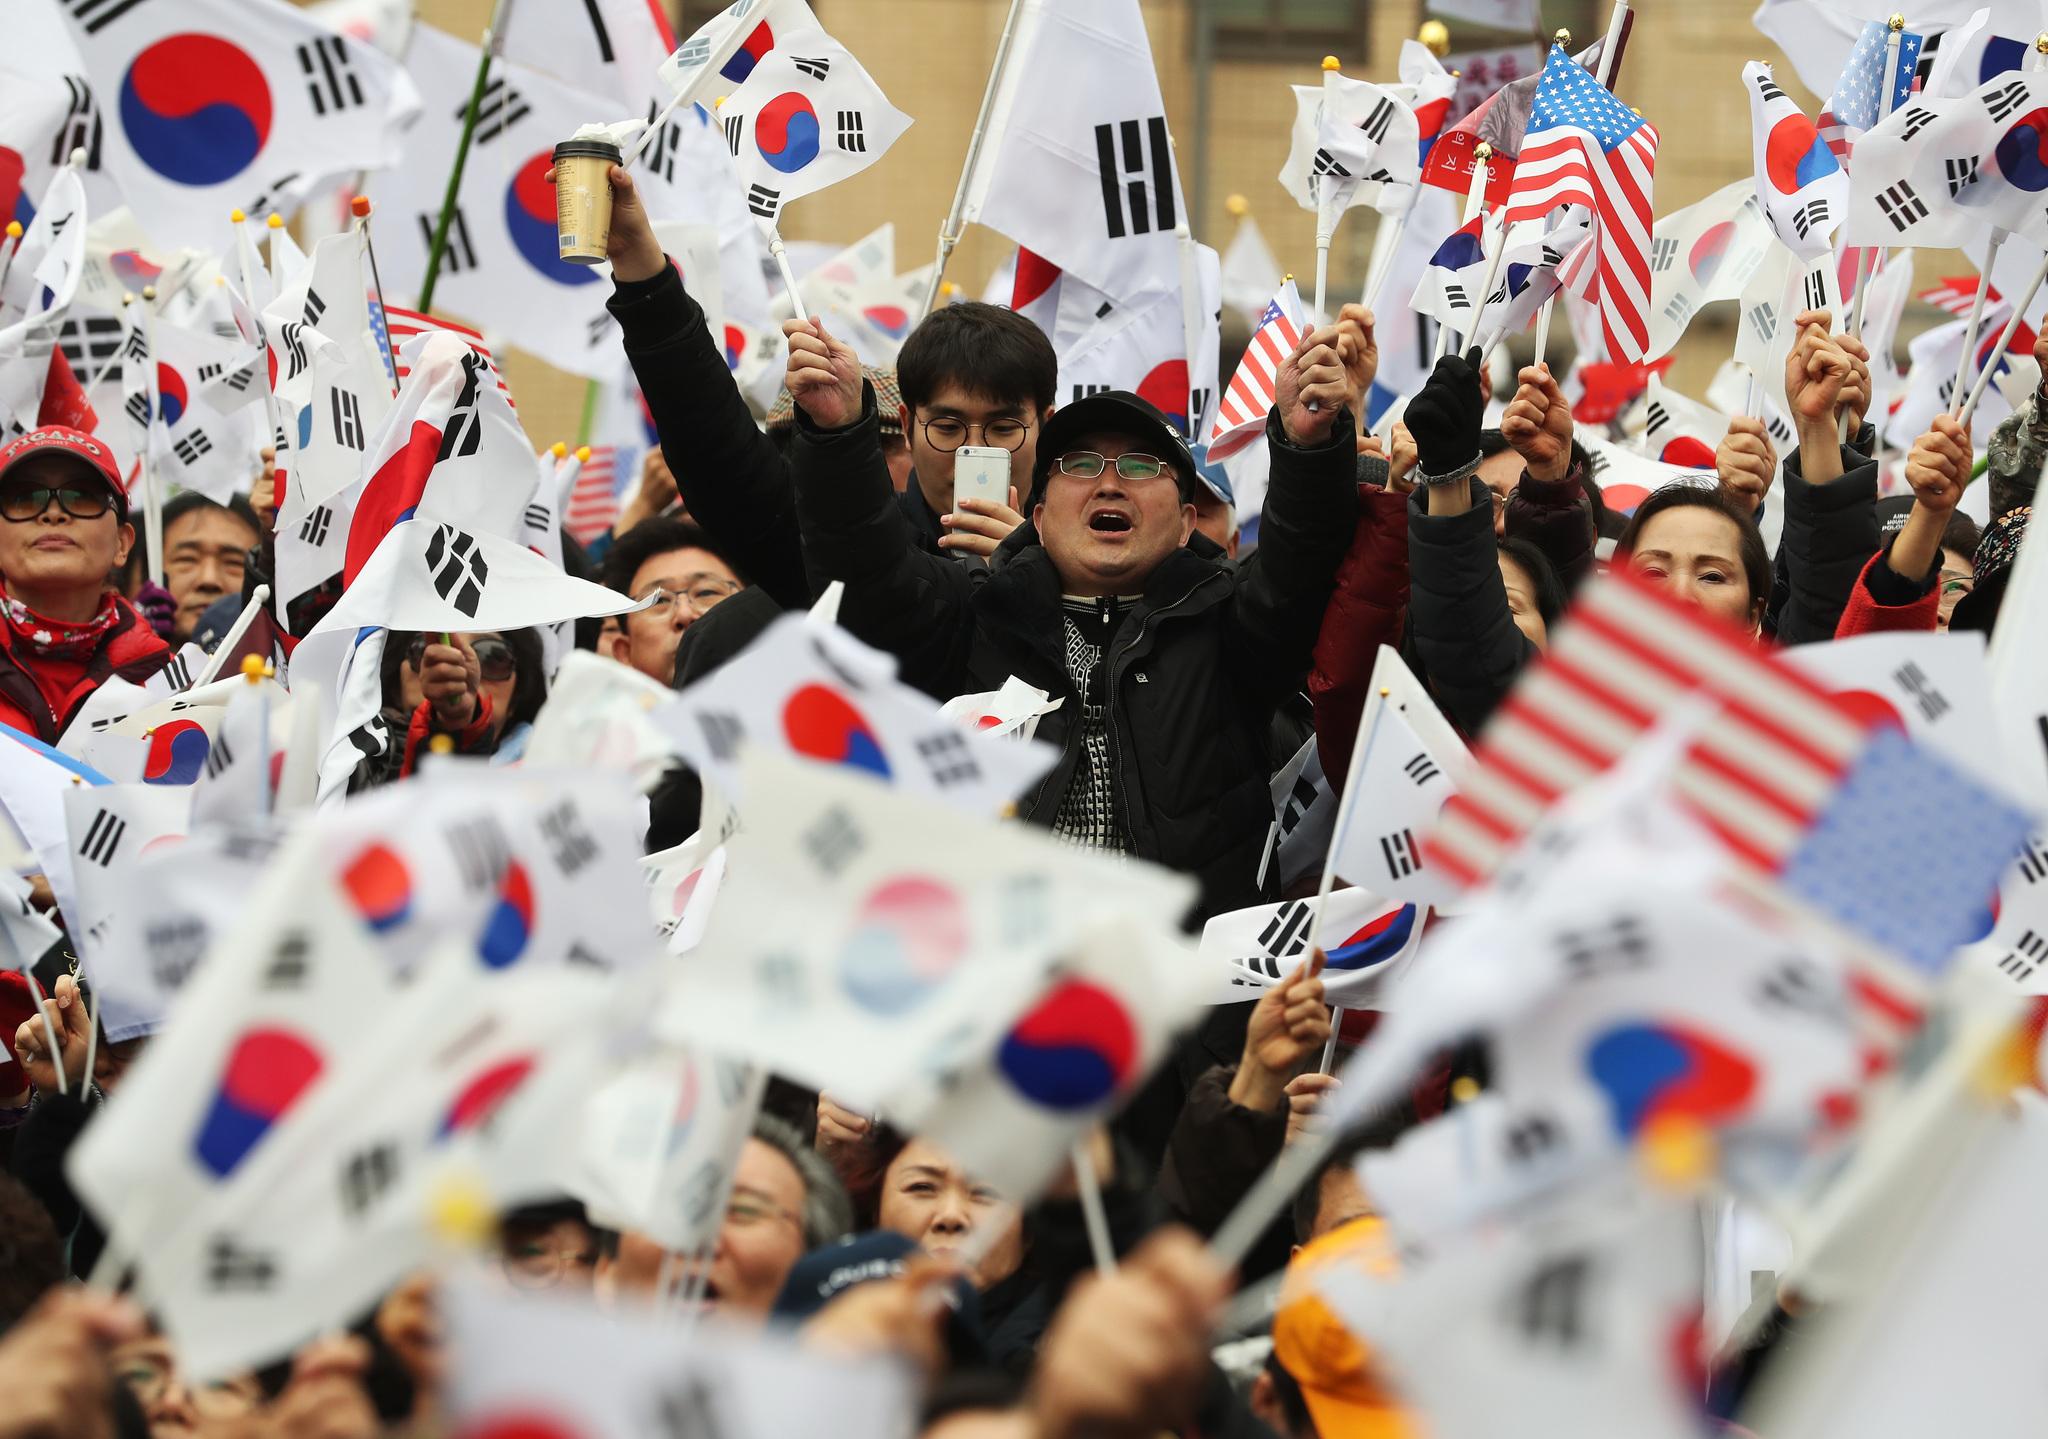 1일 오후 서울 세종로사거리에서 '대통령탄핵기각을 위한 국민총궐기운동본부'주최로 탄핵 기각을 위한 '태극기집회'가 열렸다. [사진 중앙포토]